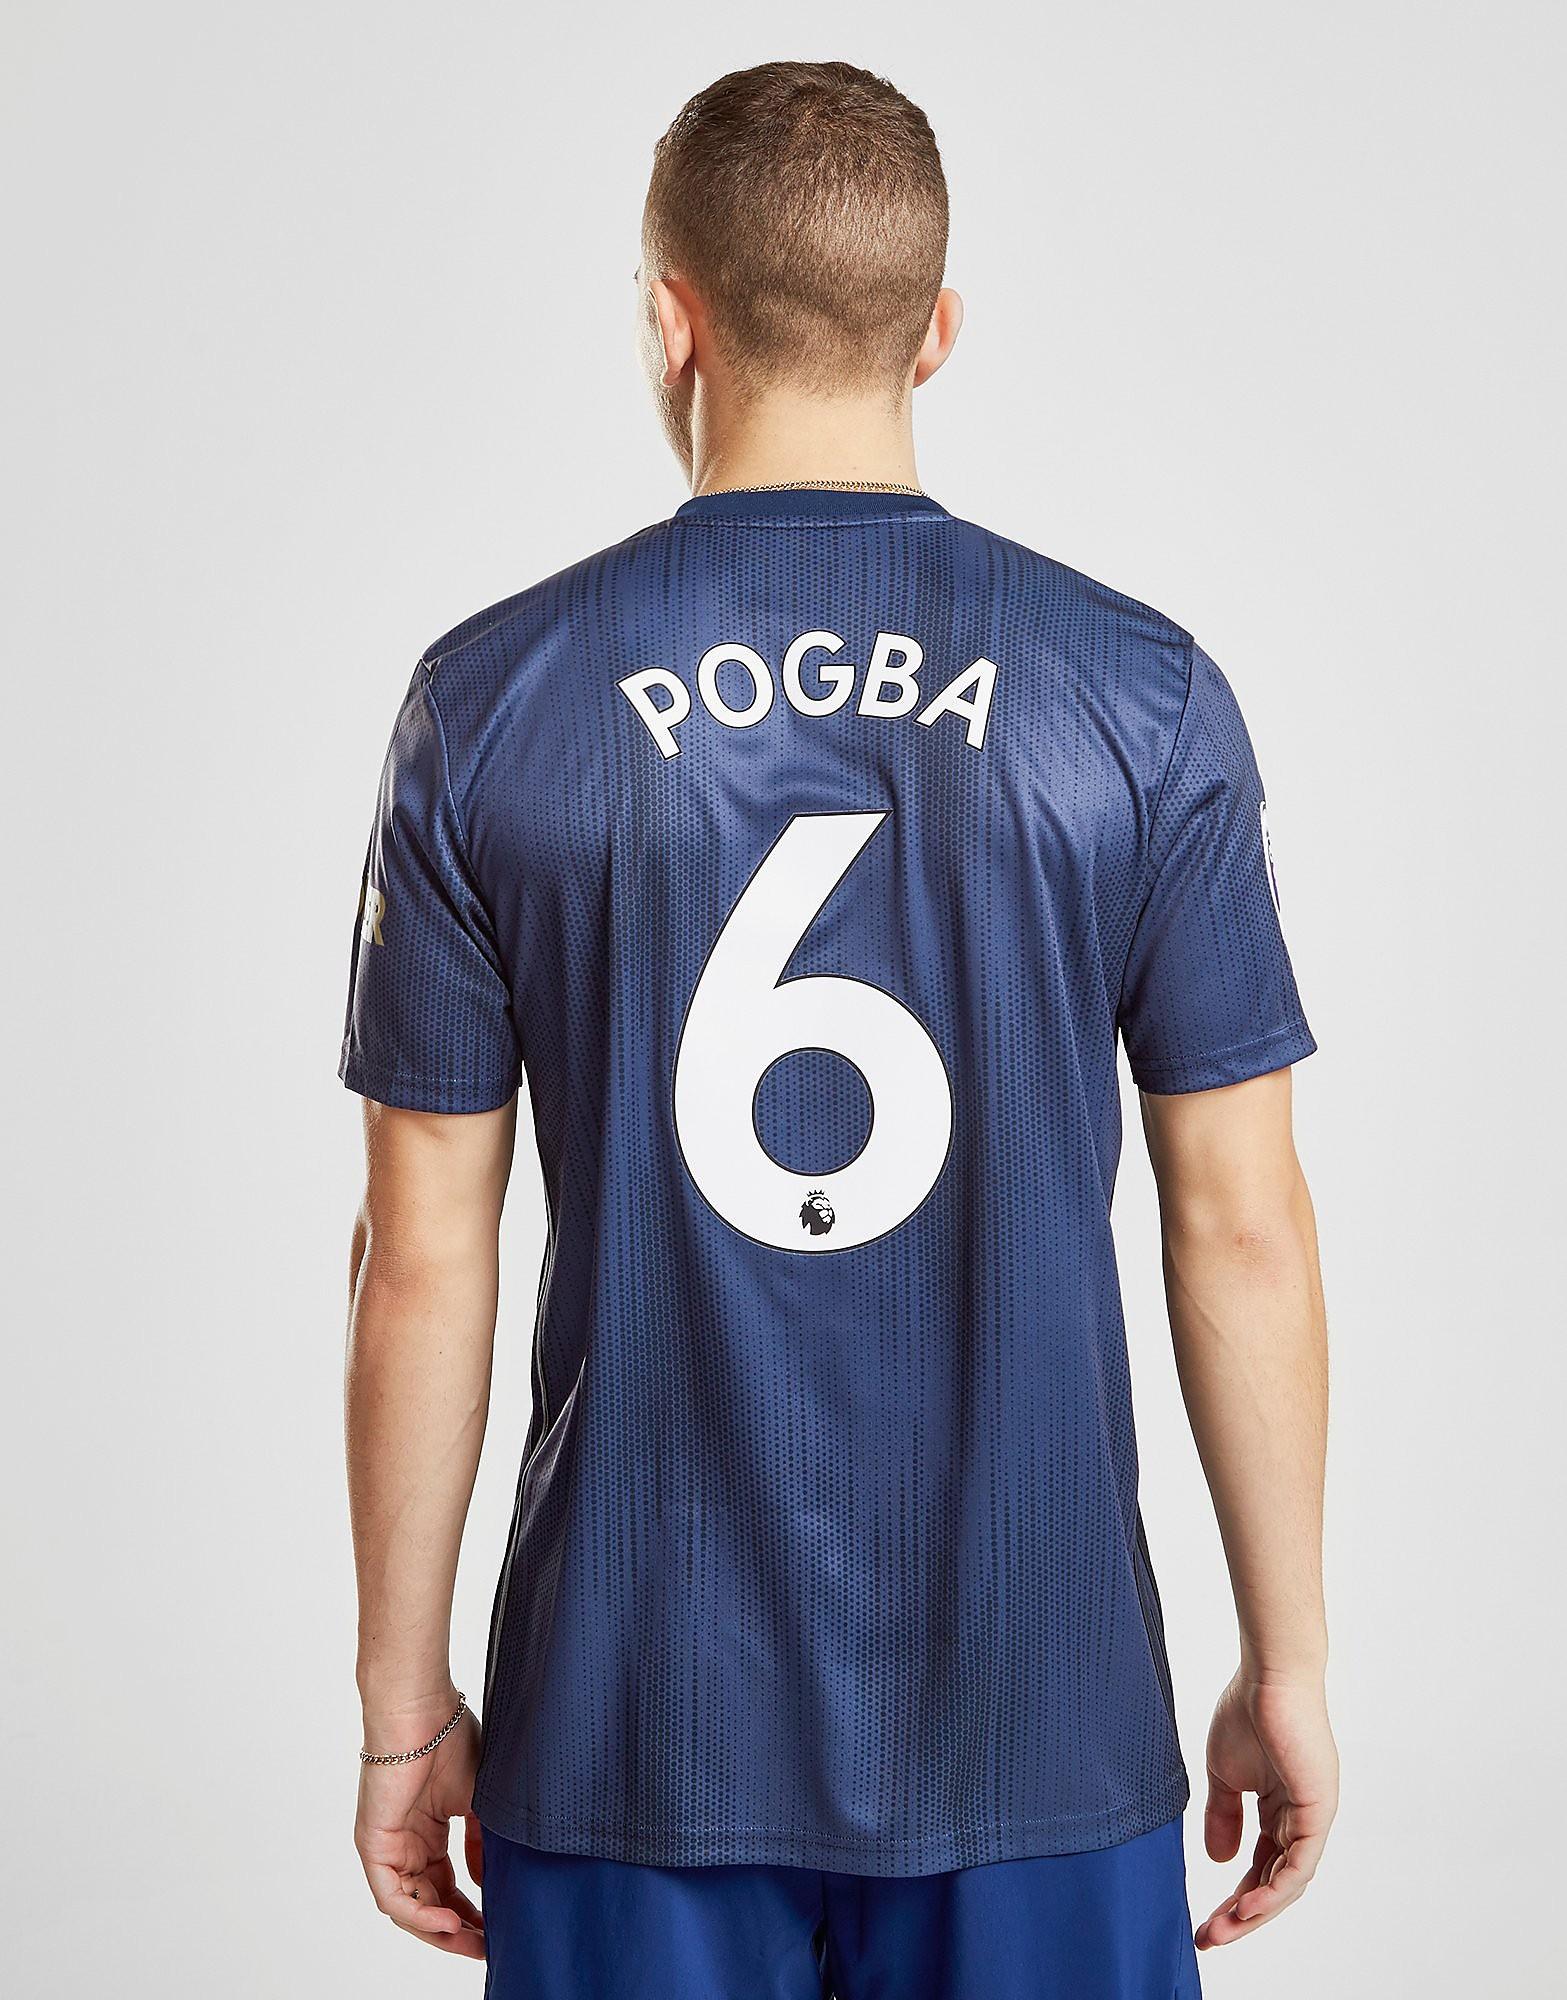 adidas Manchester United FC 2018/19 Pogba #6 Third Shirt - Blauw - Heren